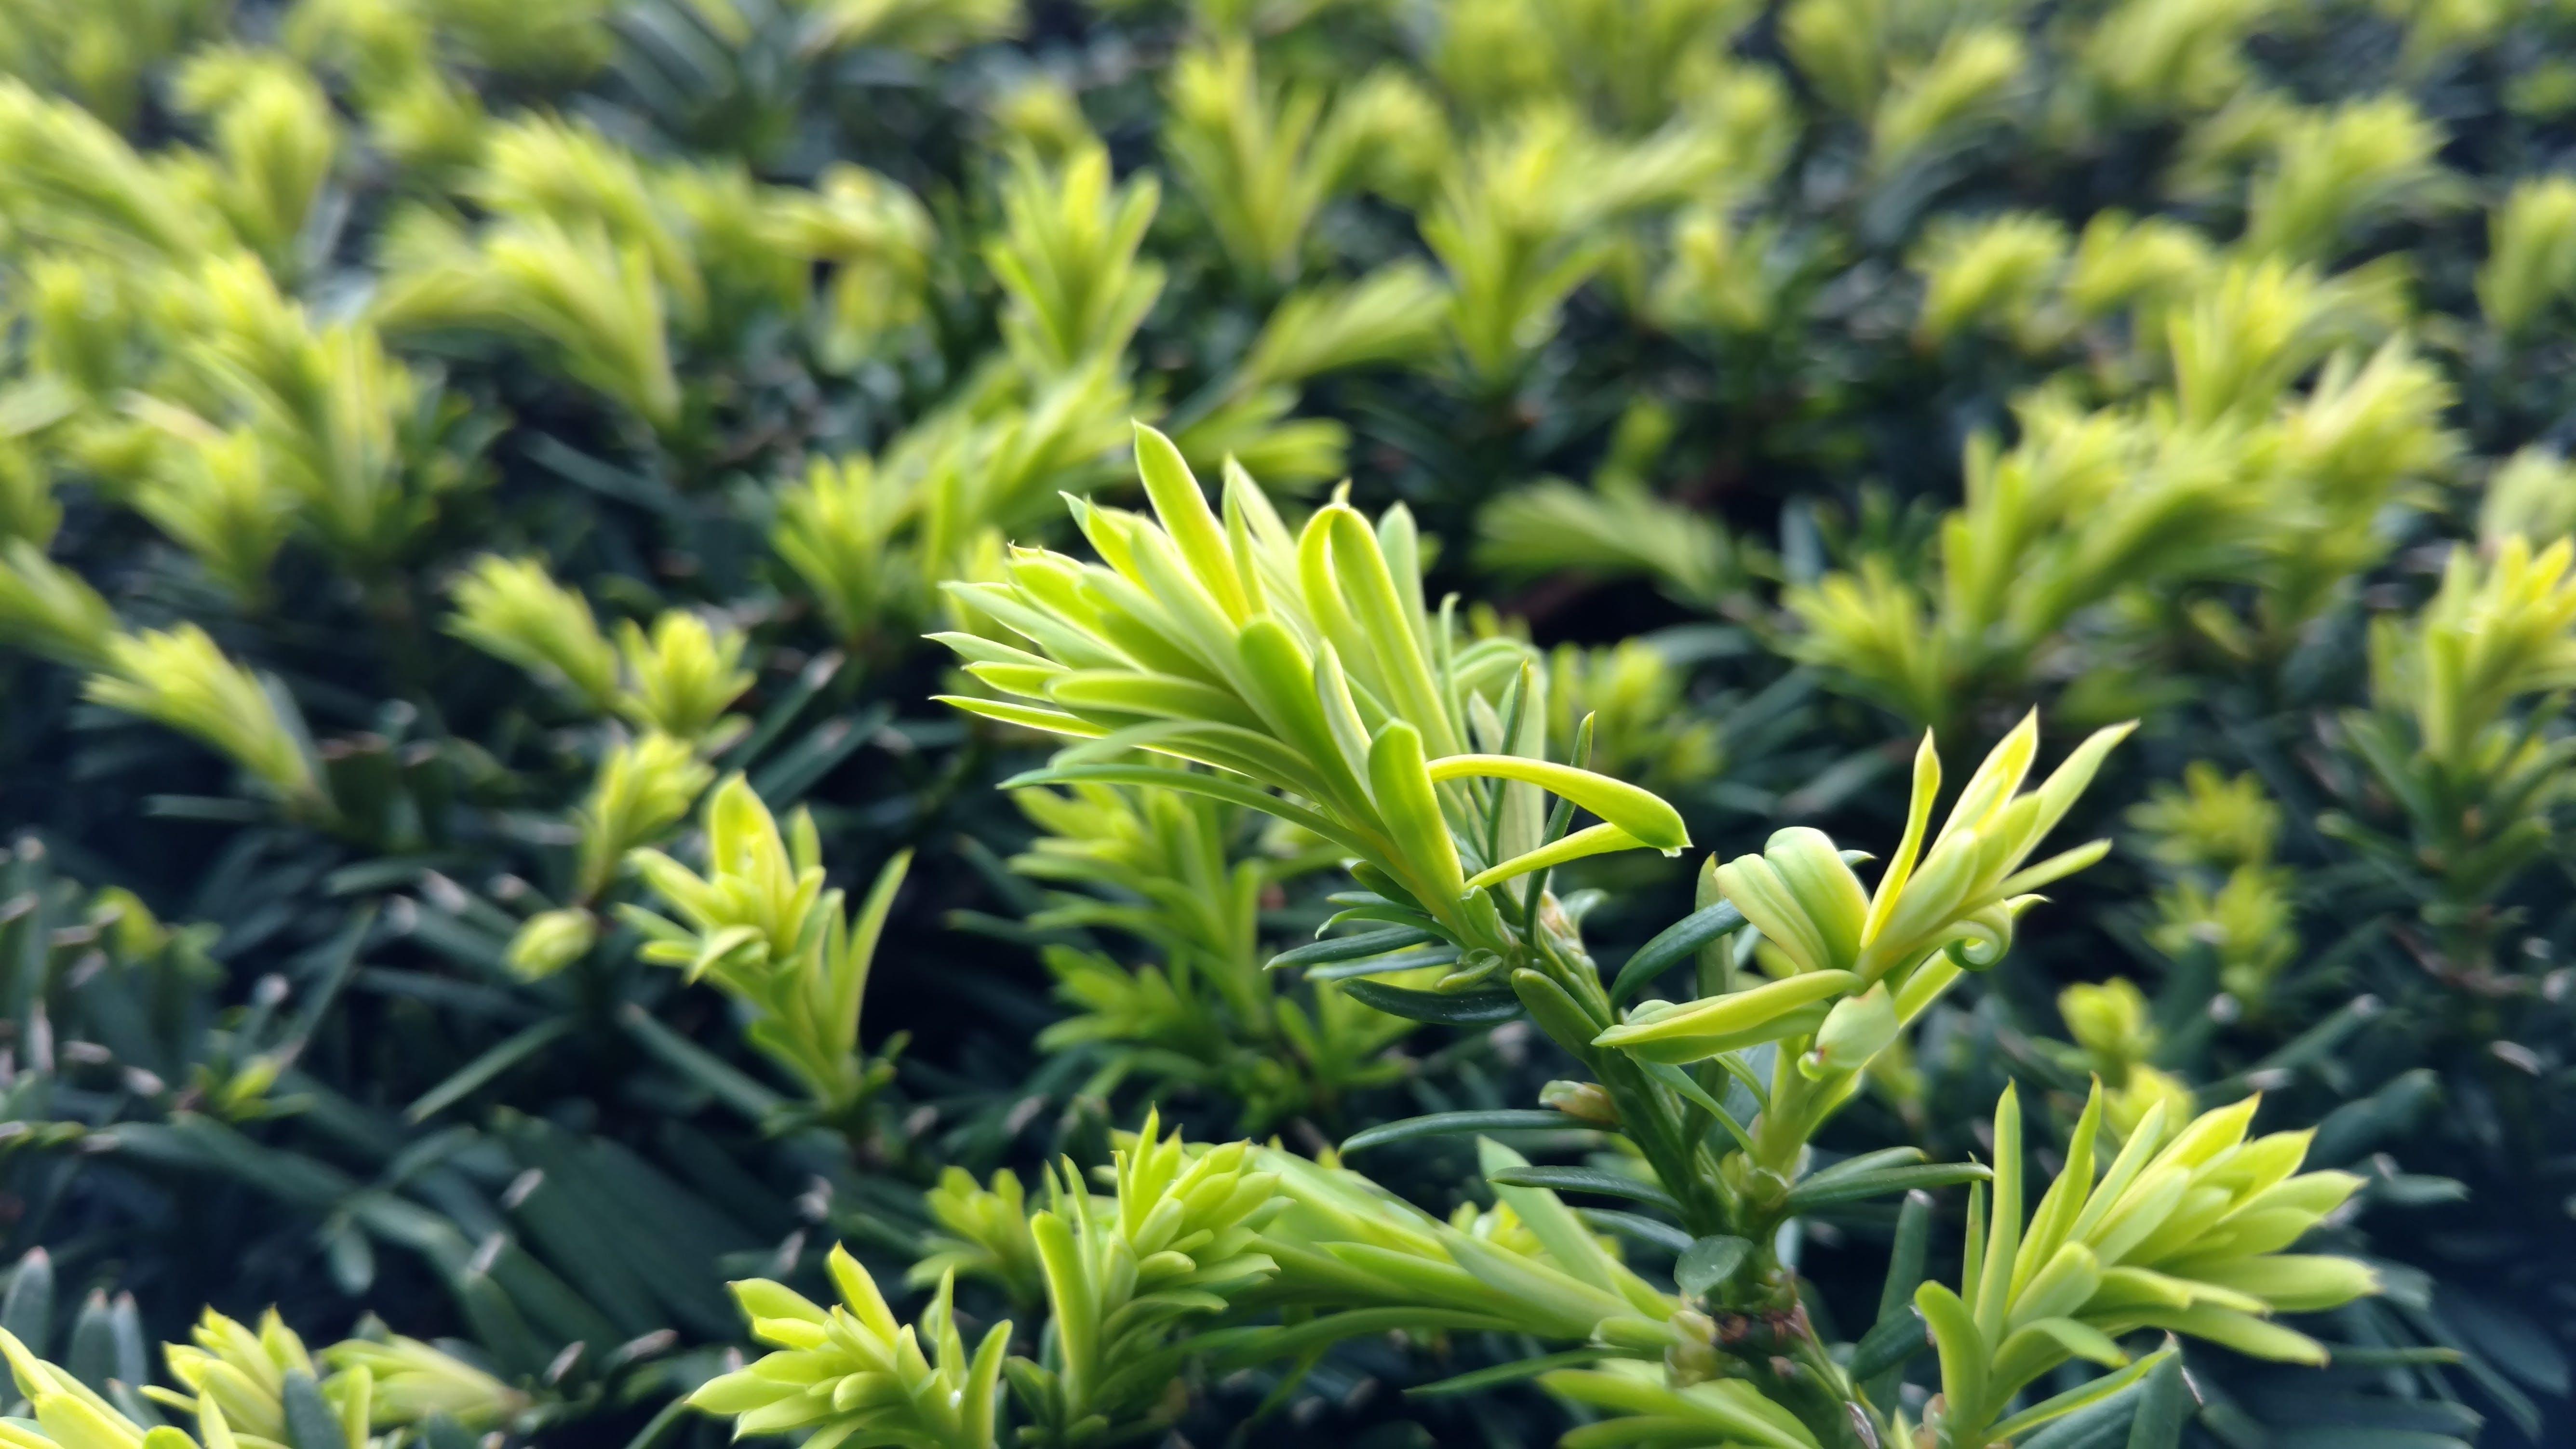 Free stock photo of nature, shrub, garden, plant